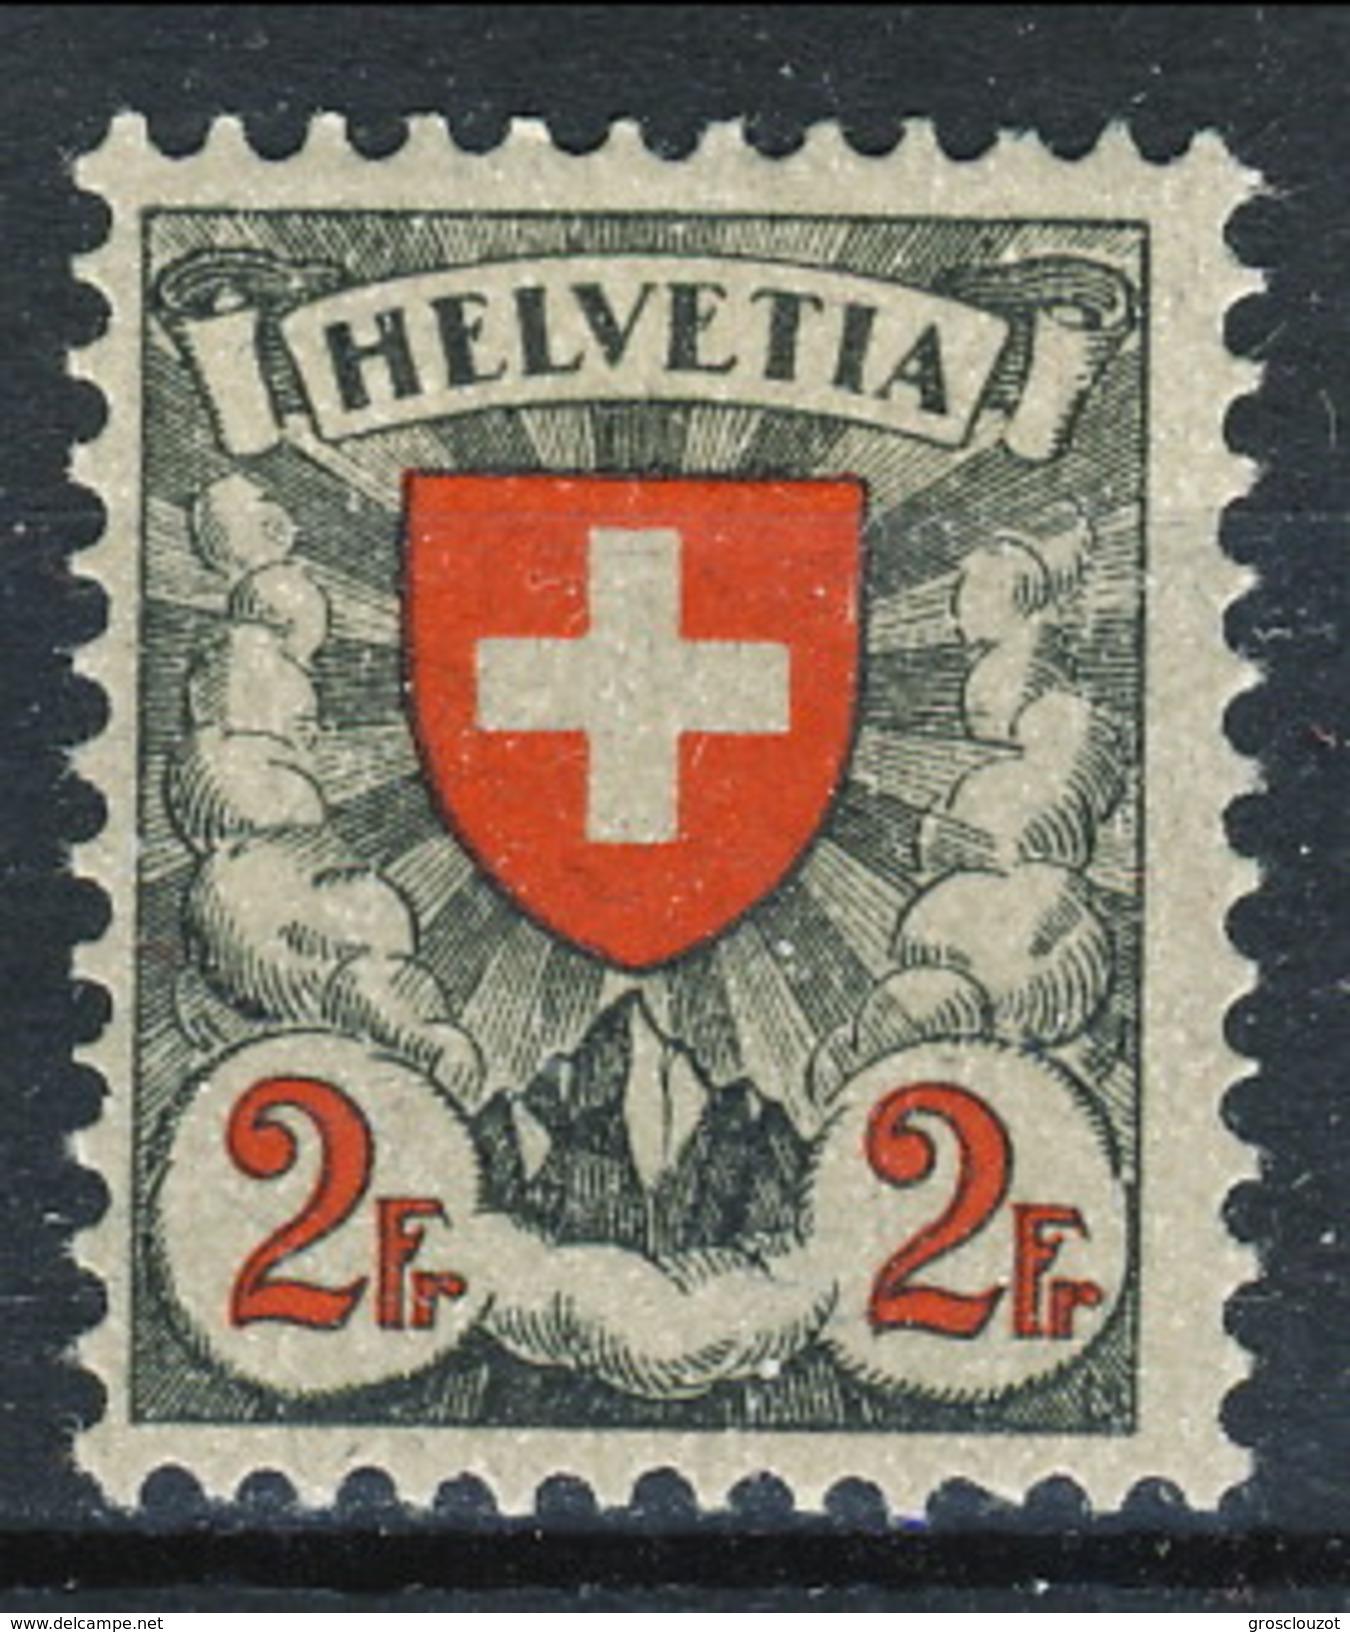 Svizzera 1933 - 34 N. 211A Croce E Scudo, Carta Patinata Goffrata (geriffelt) MLH Cat. € 126 - Svizzera